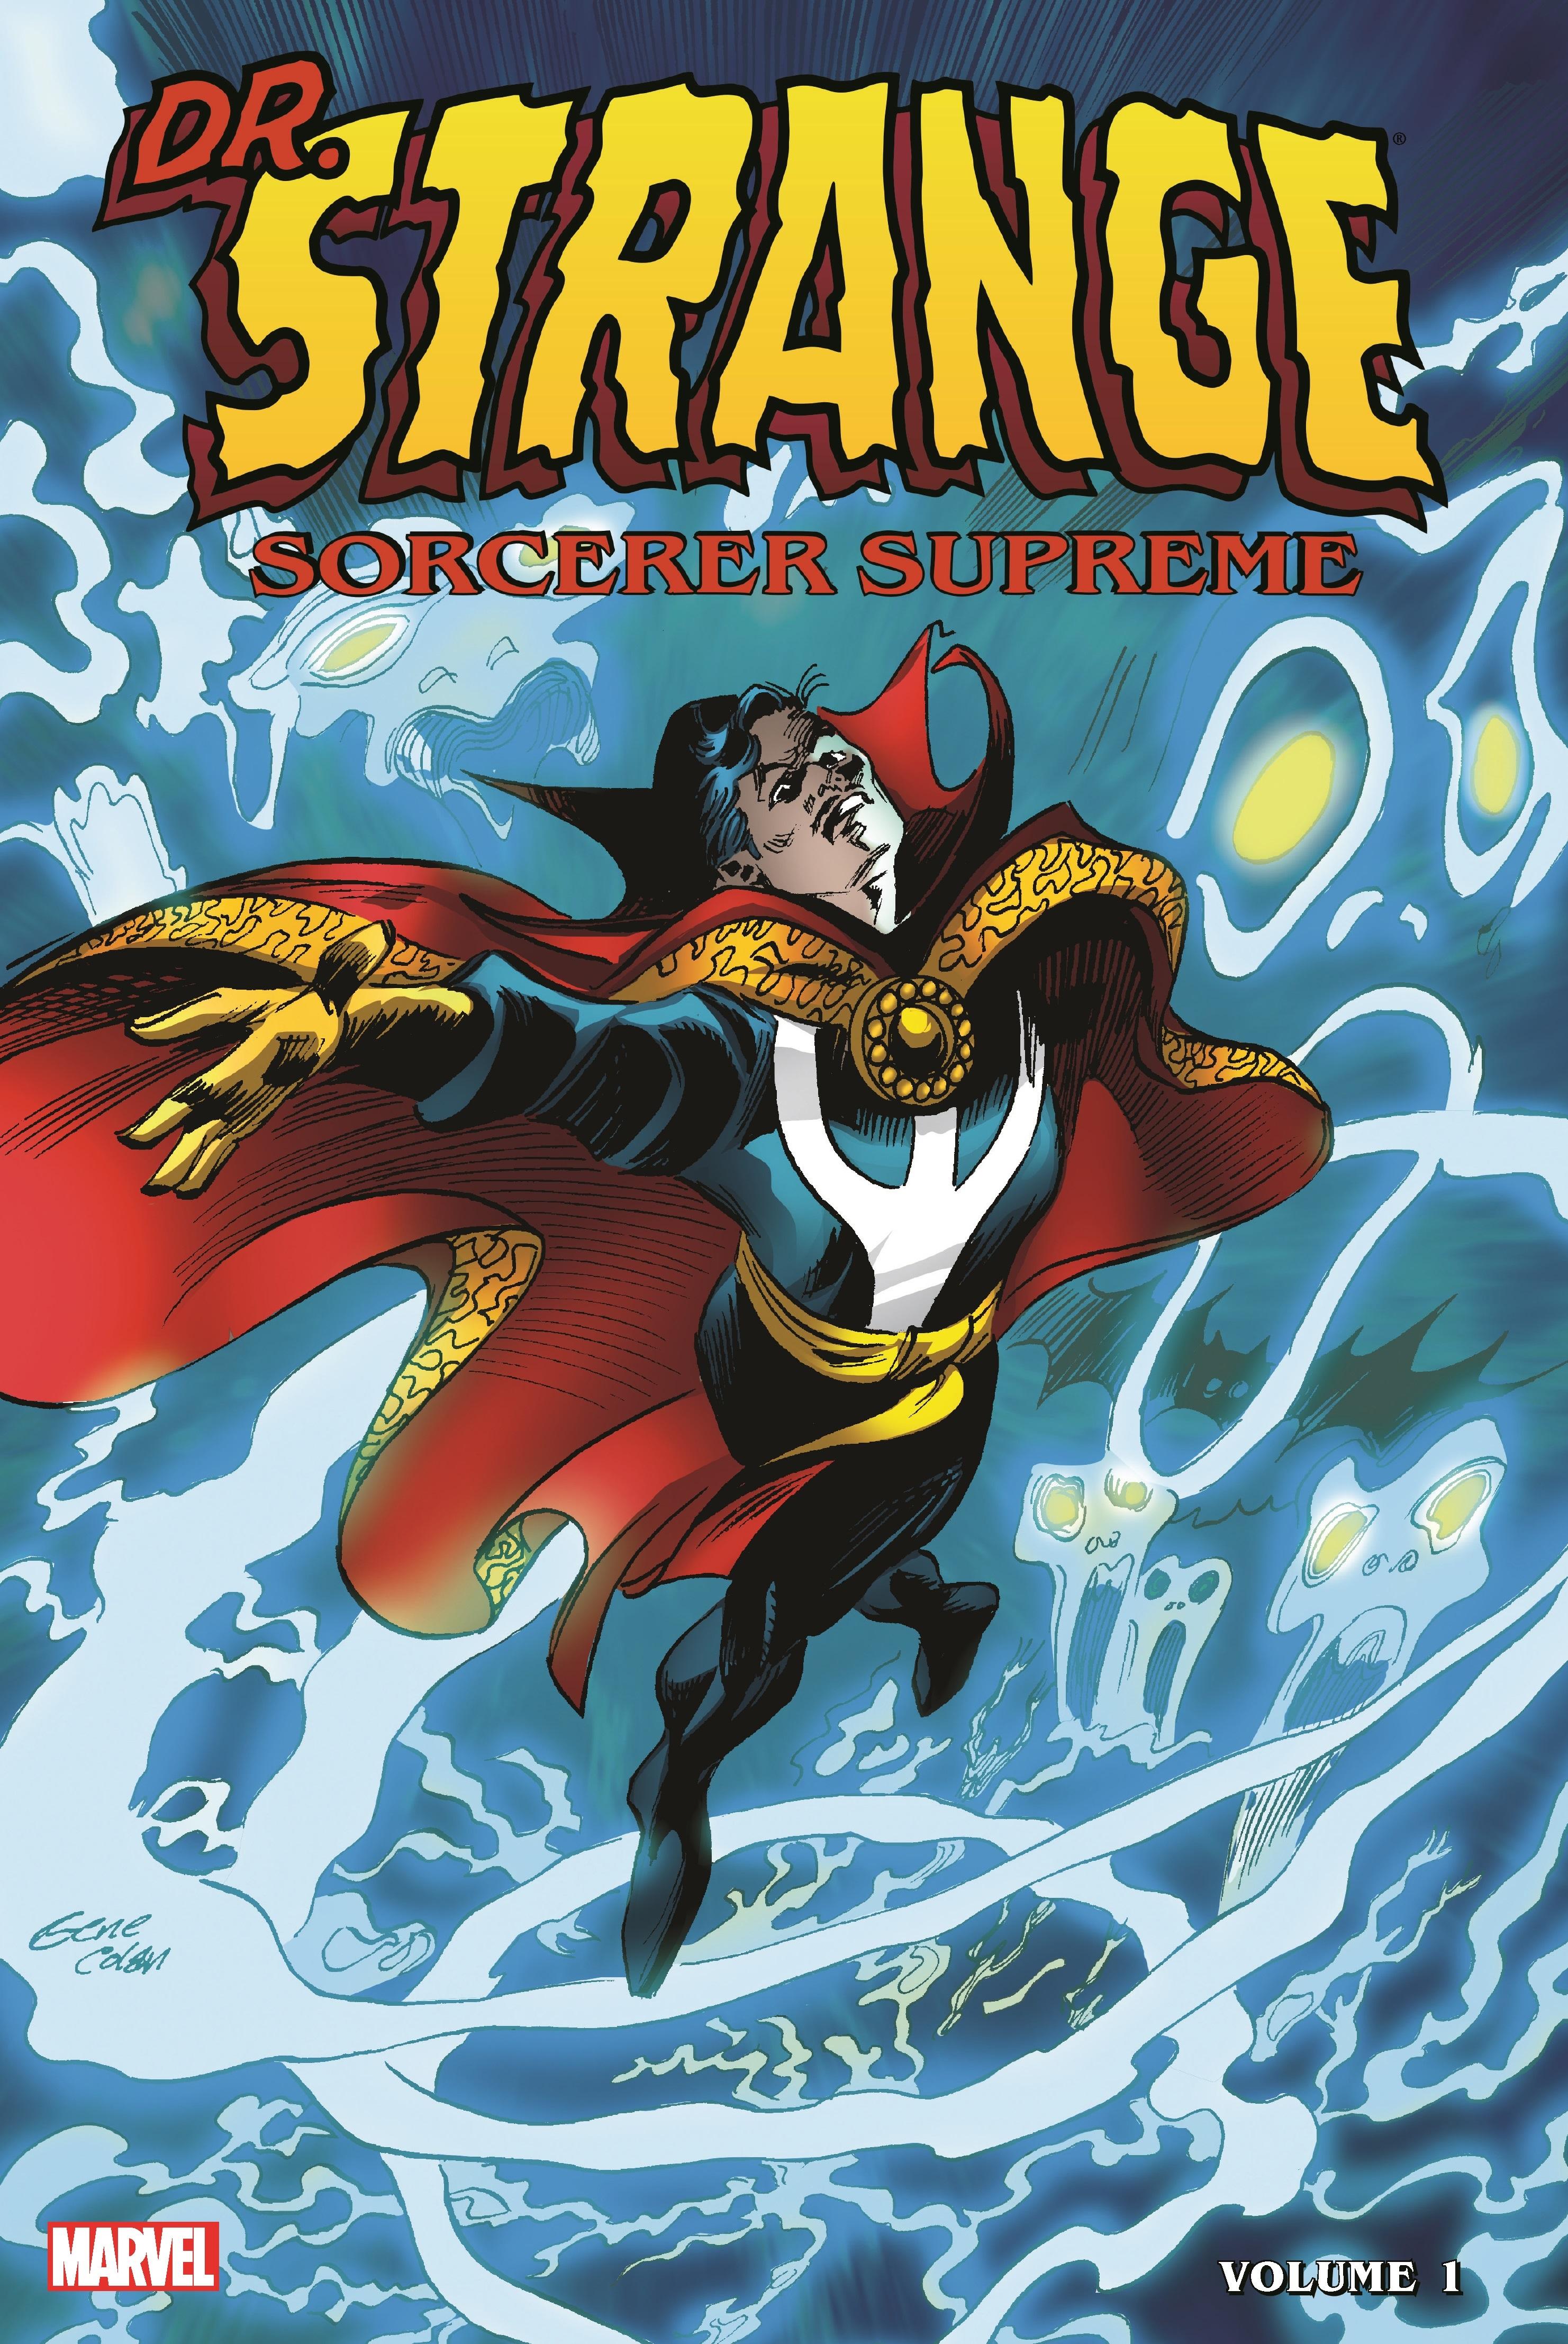 Doctor Strange, Sorcerer Supreme Omnibus Vol. 1 (Hardcover)